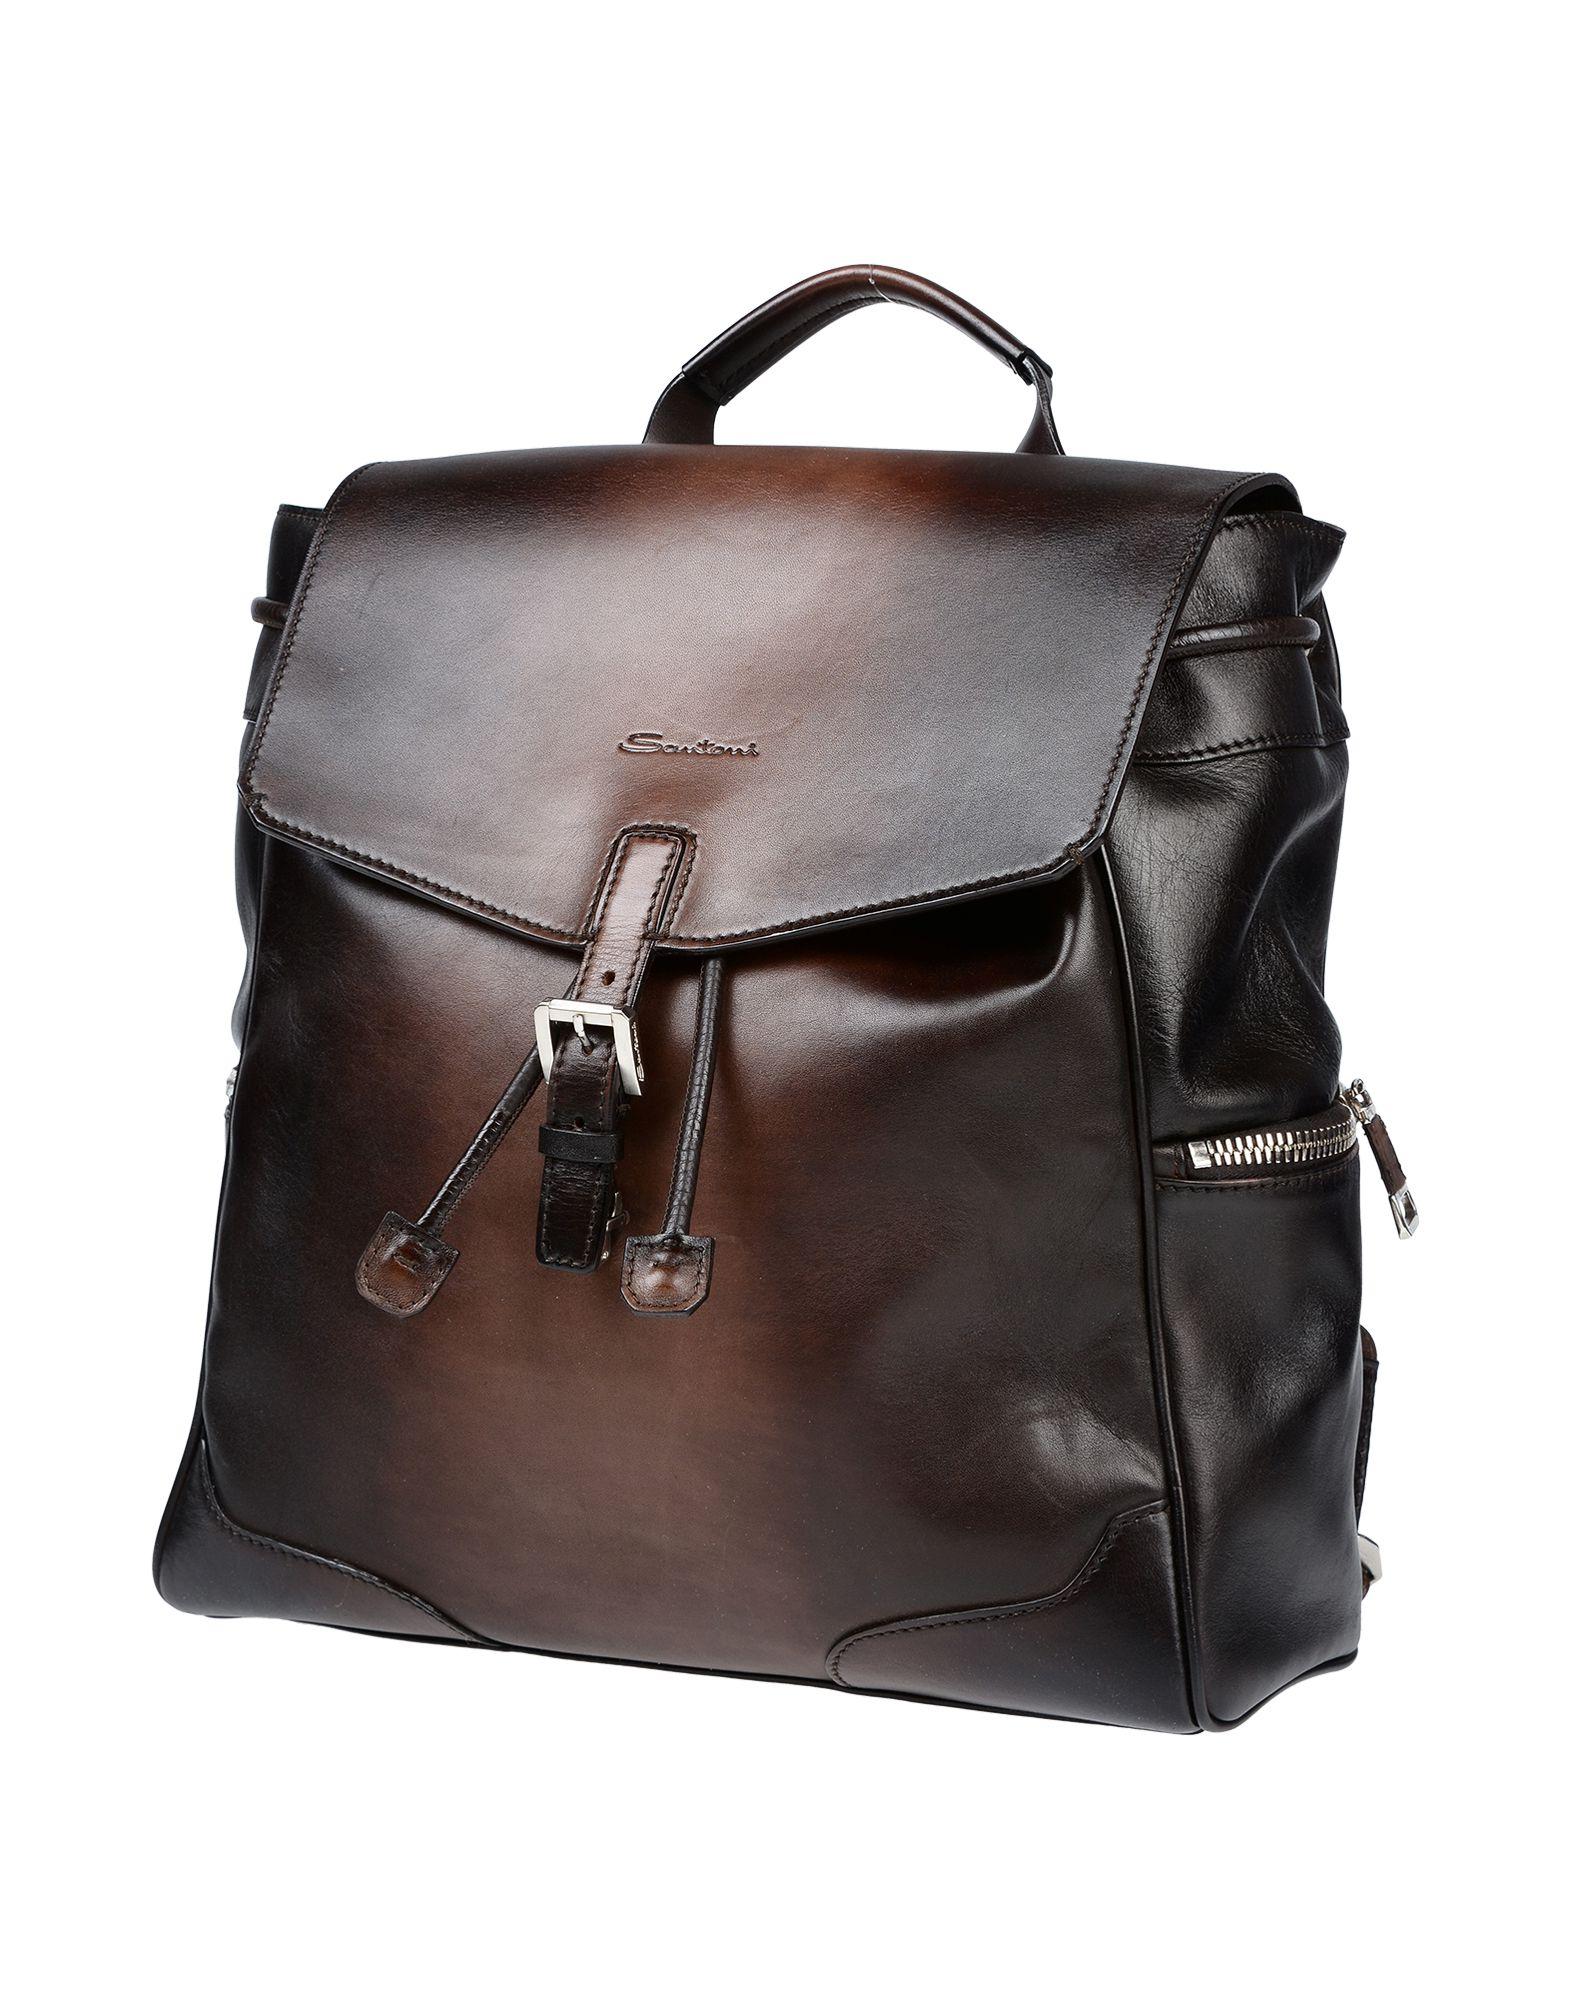 SANTONI Рюкзаки и сумки на пояс дизайнер высокое качество натуральная кожа женские винтажные овчины твердые школьные сумки mochilas mujer 2017 рюкзаки для девочек